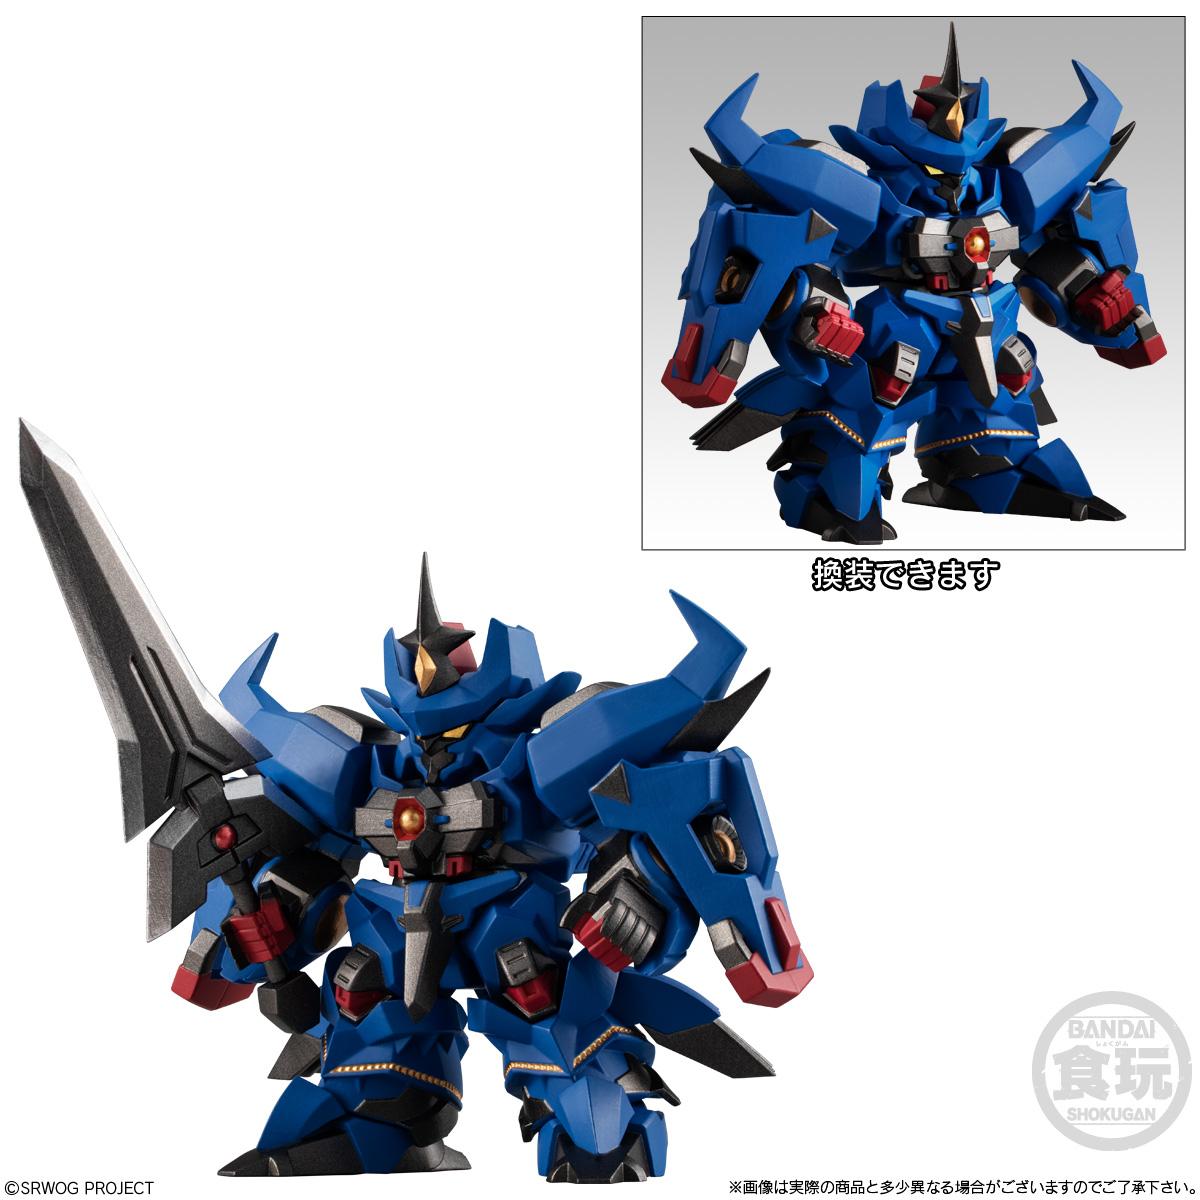 【食玩】スーパーロボット大戦OG『ORIGINAL COLLECTION 01』4個入りBOX-005